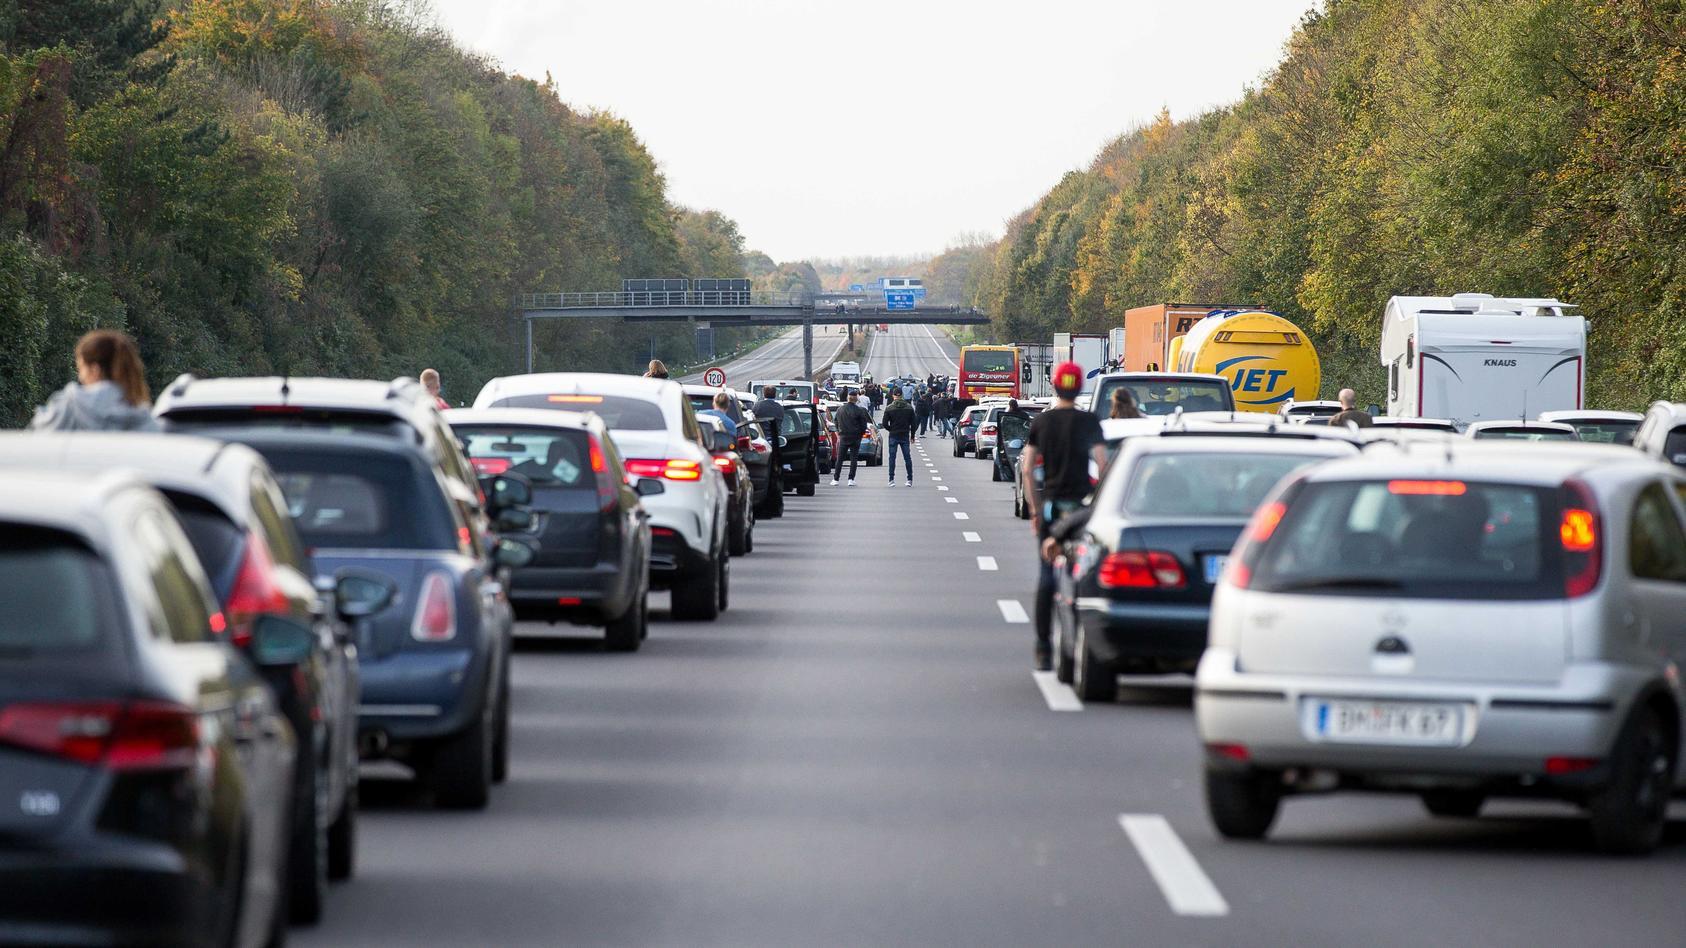 Am Wochenende brauchen Reisende auf den Autobahnen viel Geduld.